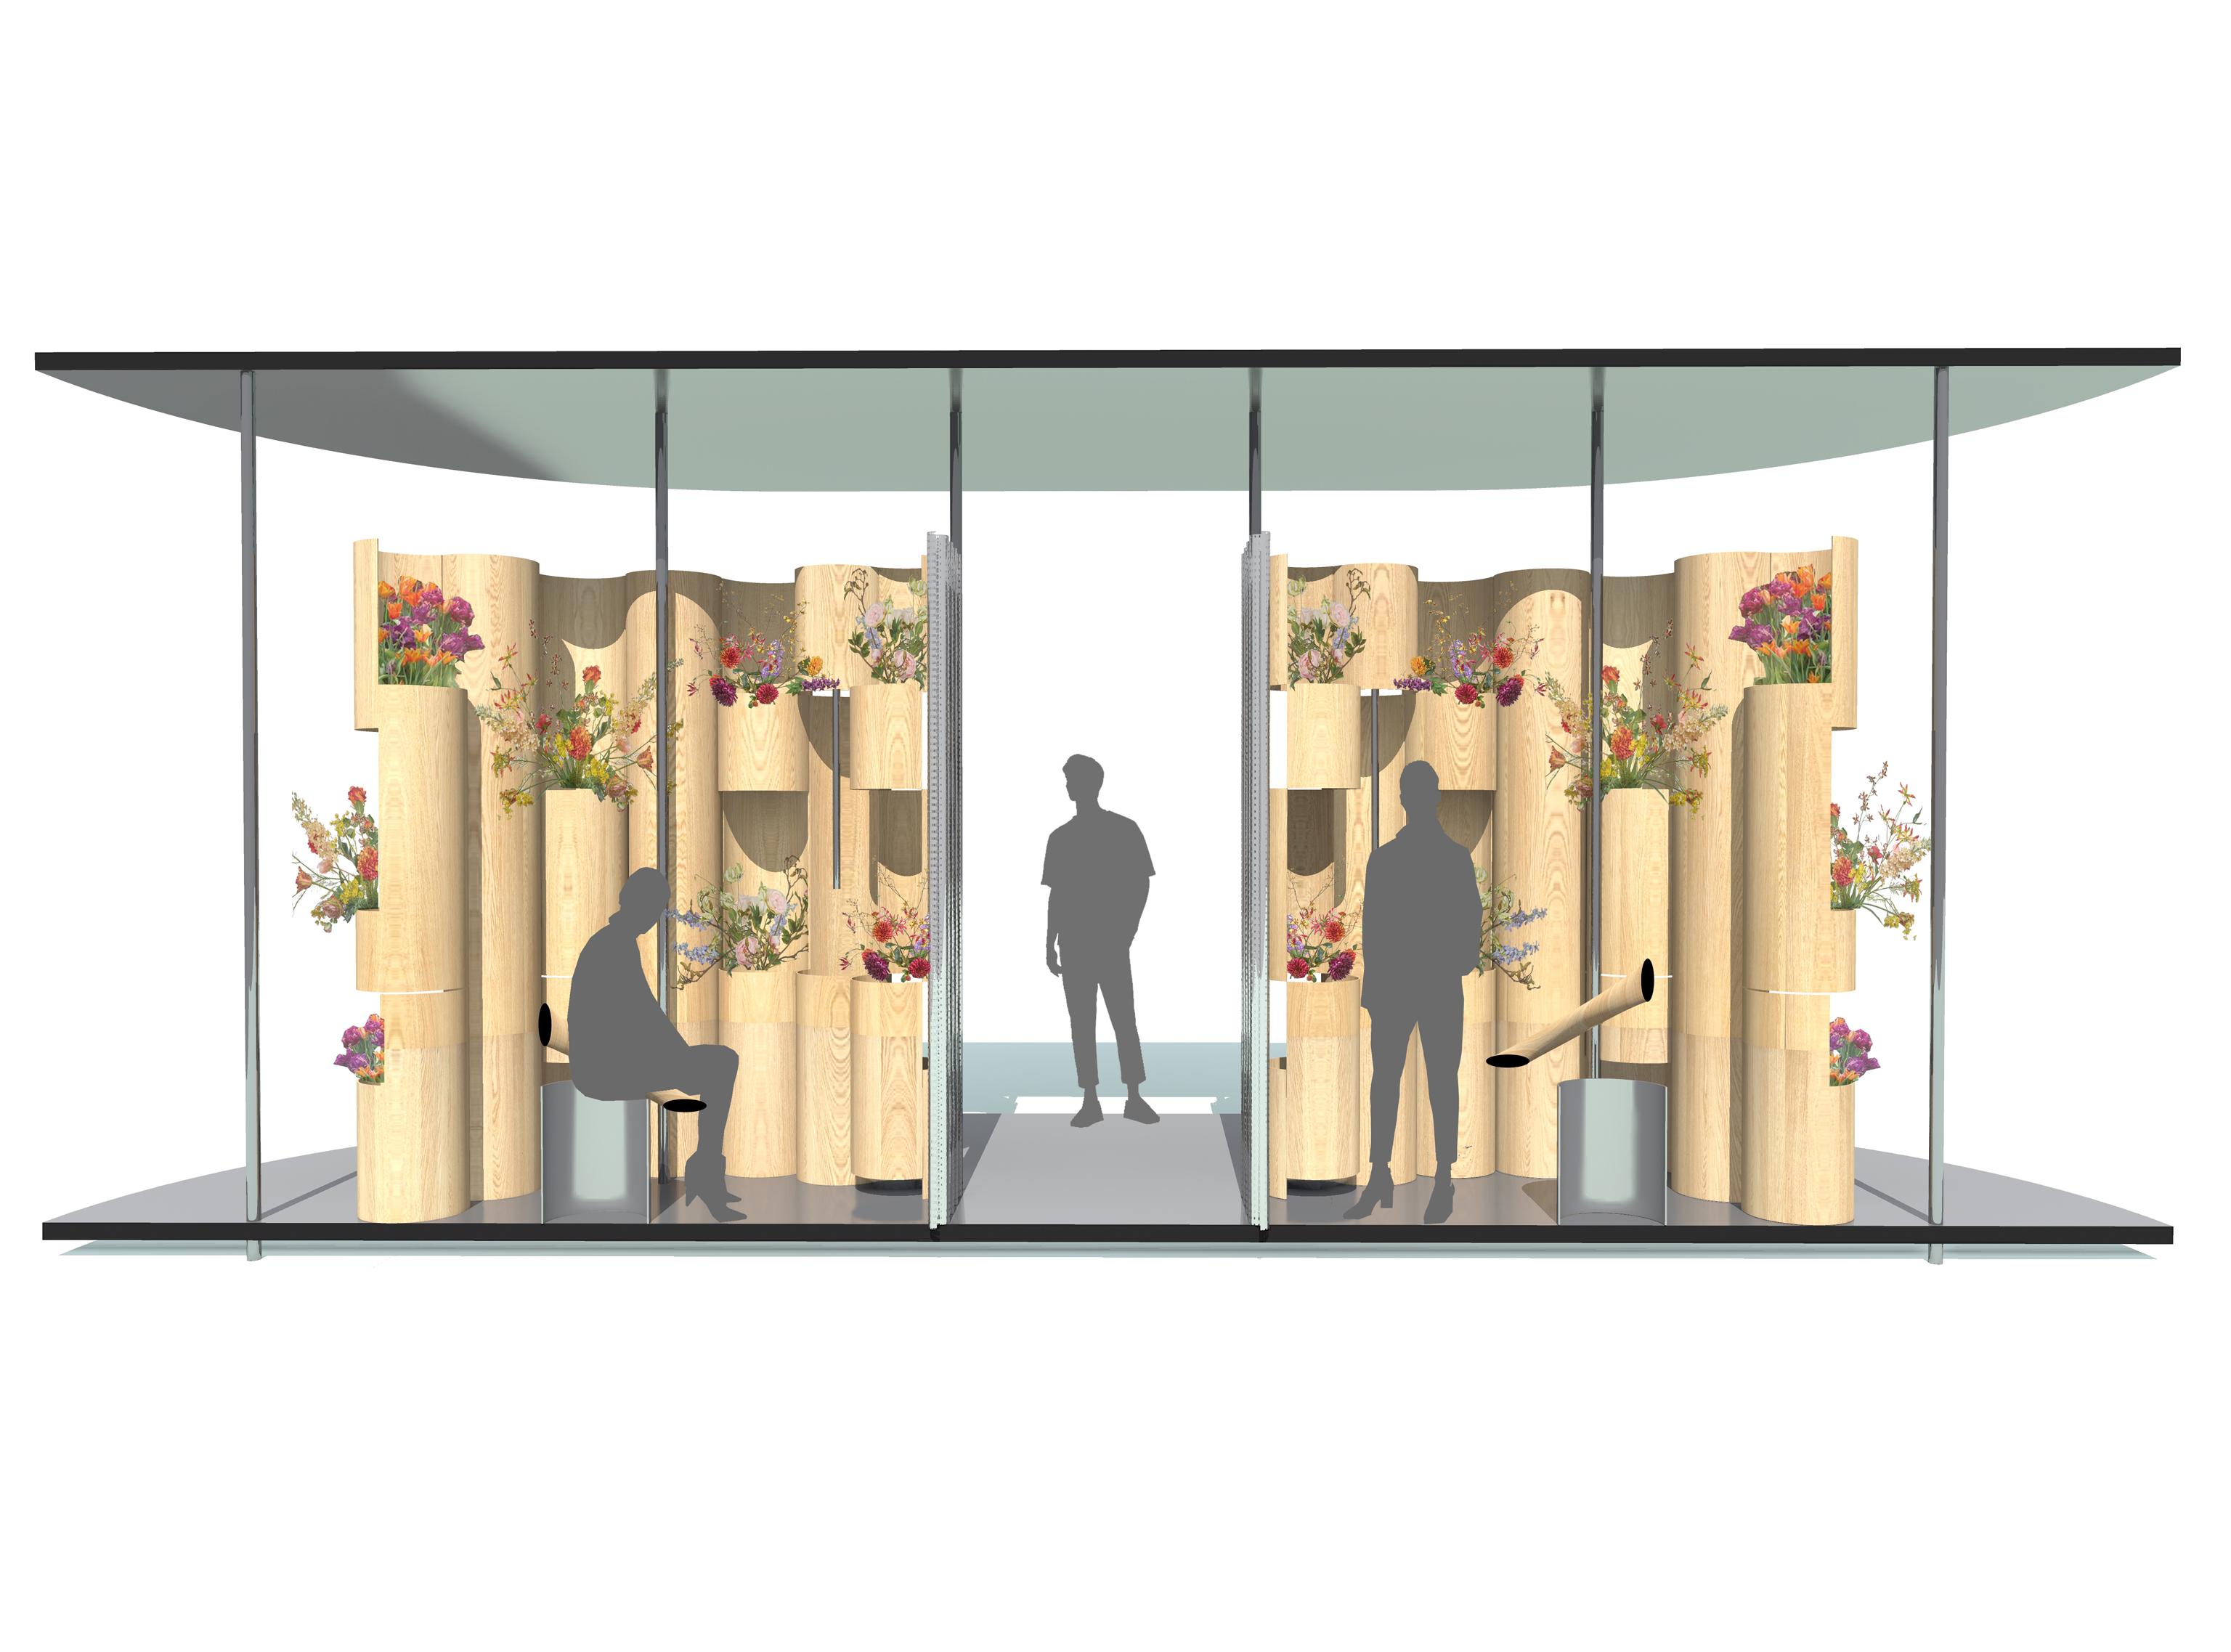 Public Toilets in Amsterdam zU-studio architecture Visual 03